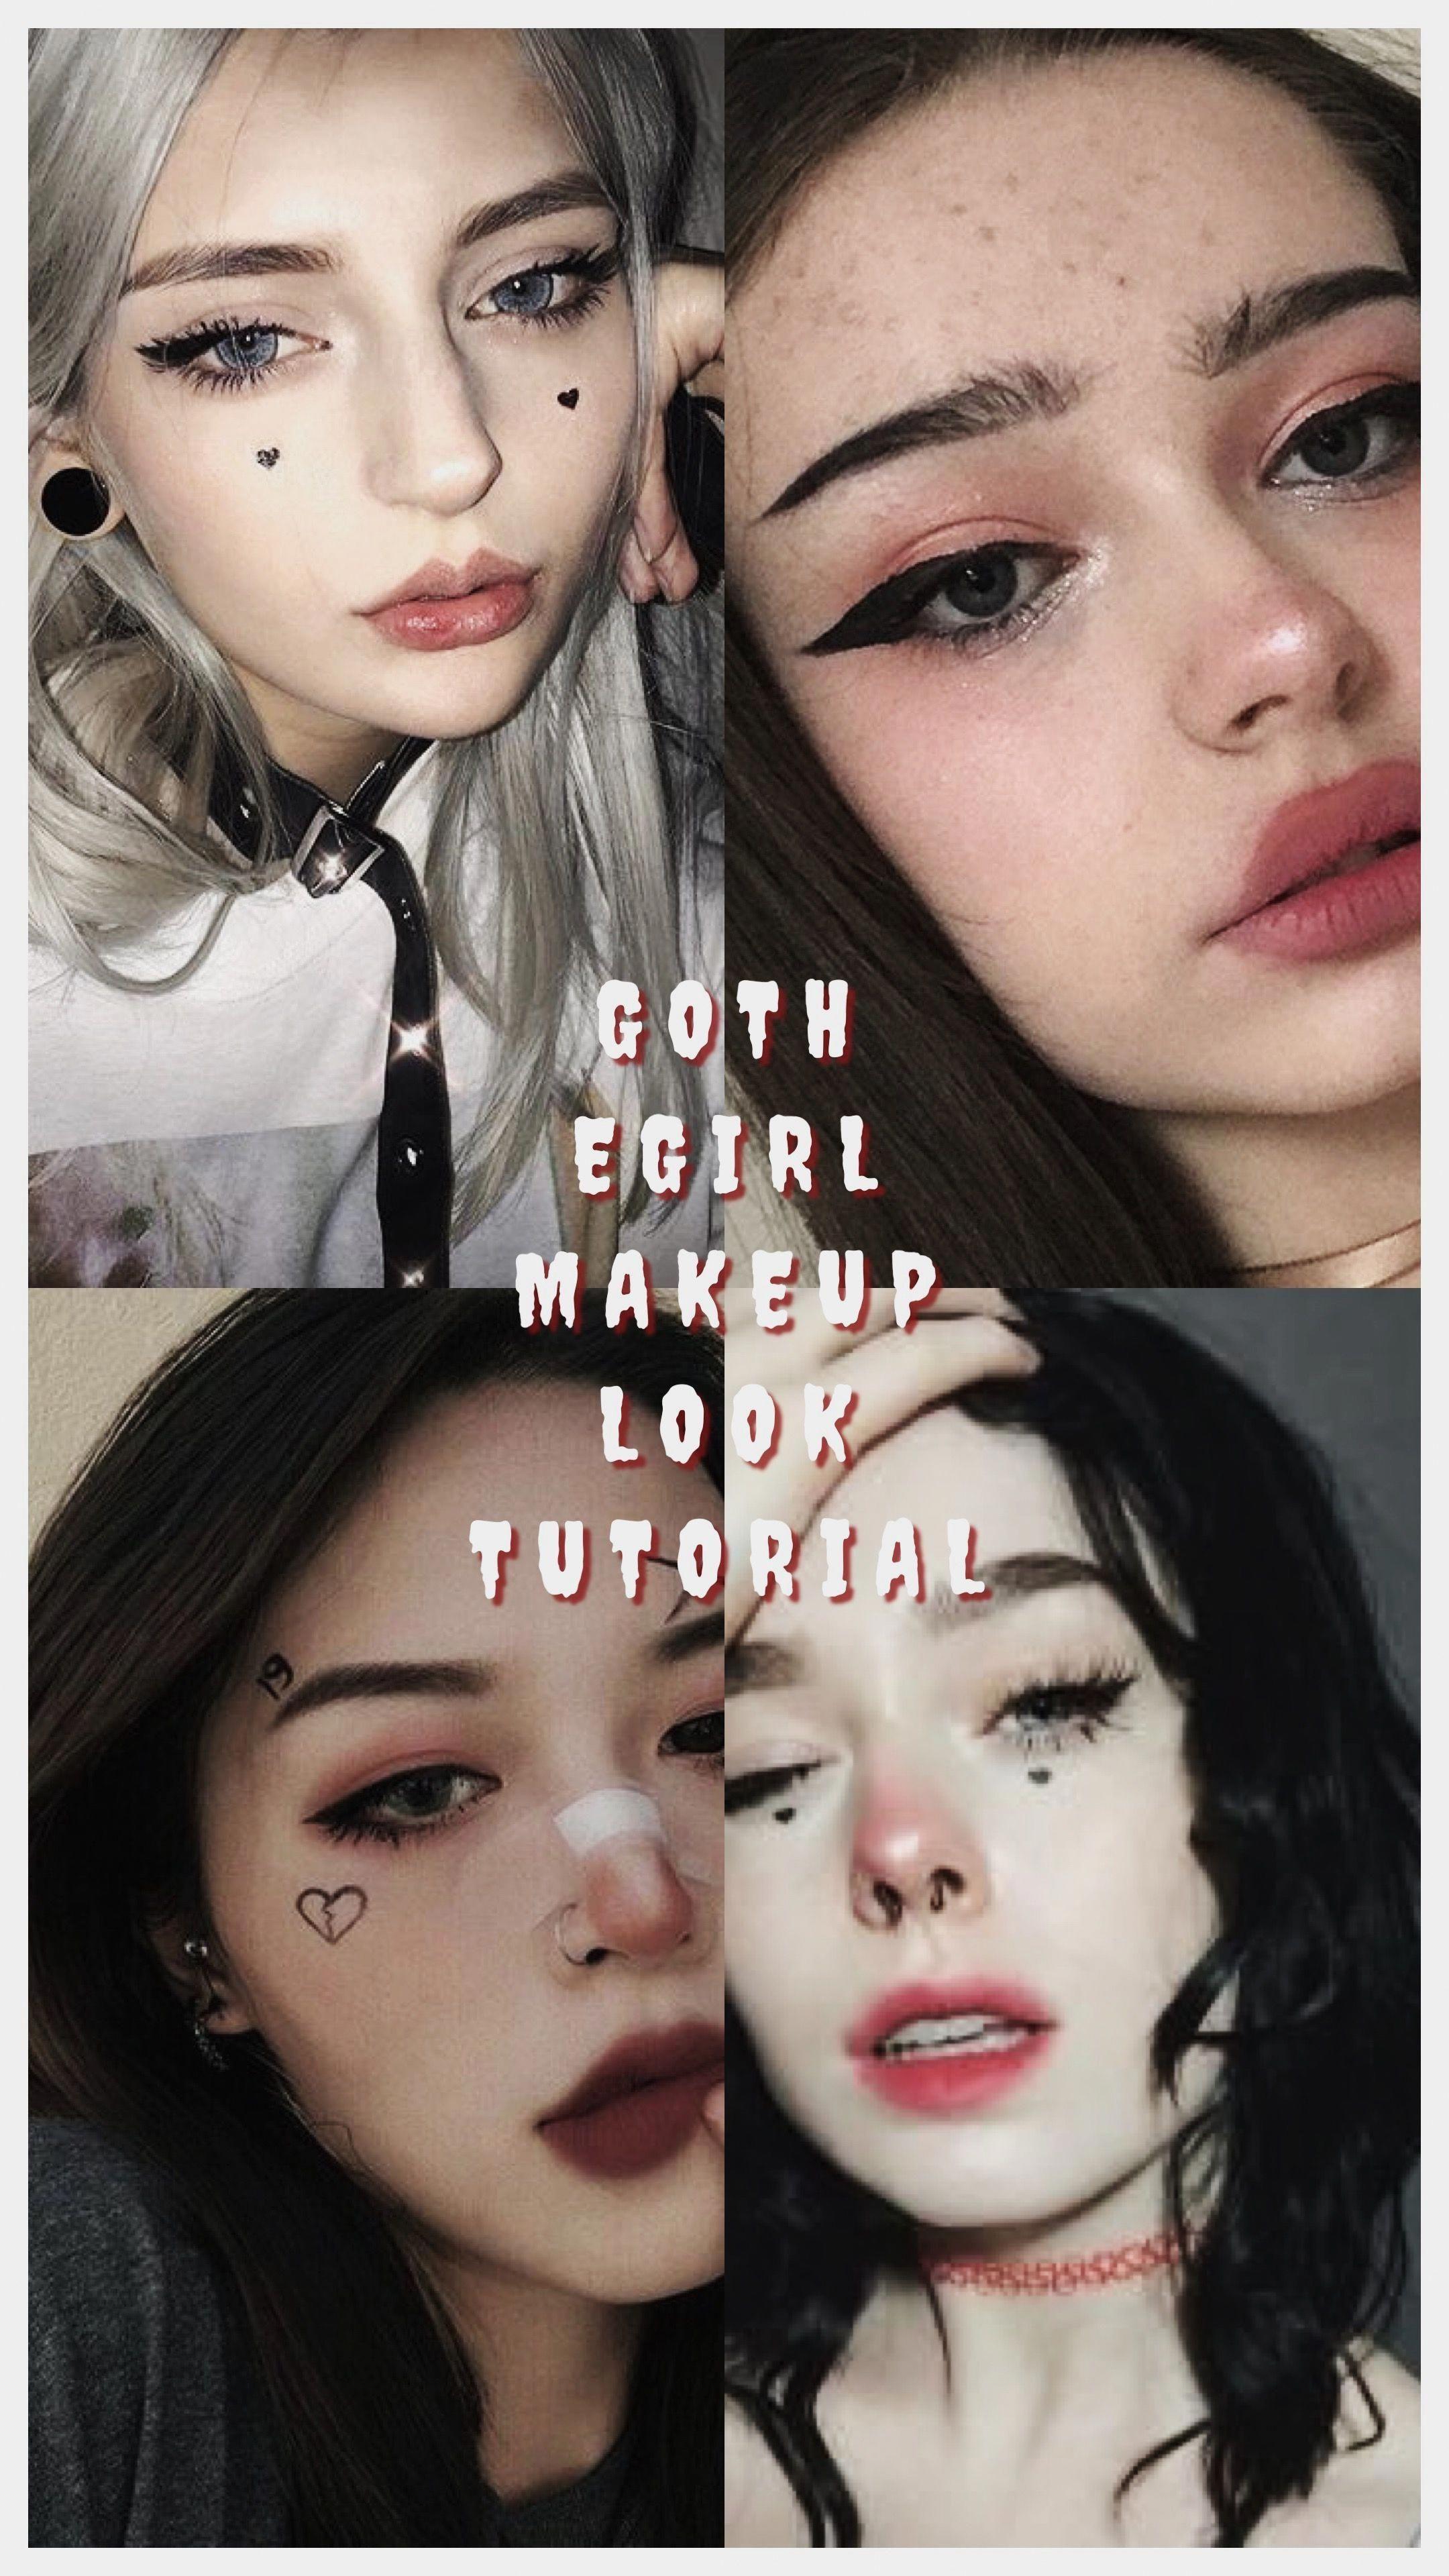 Egirl Makeup Blue Glitter Eyes Blue Makeup Glitter Eyes Gothic Makeup Tutorial